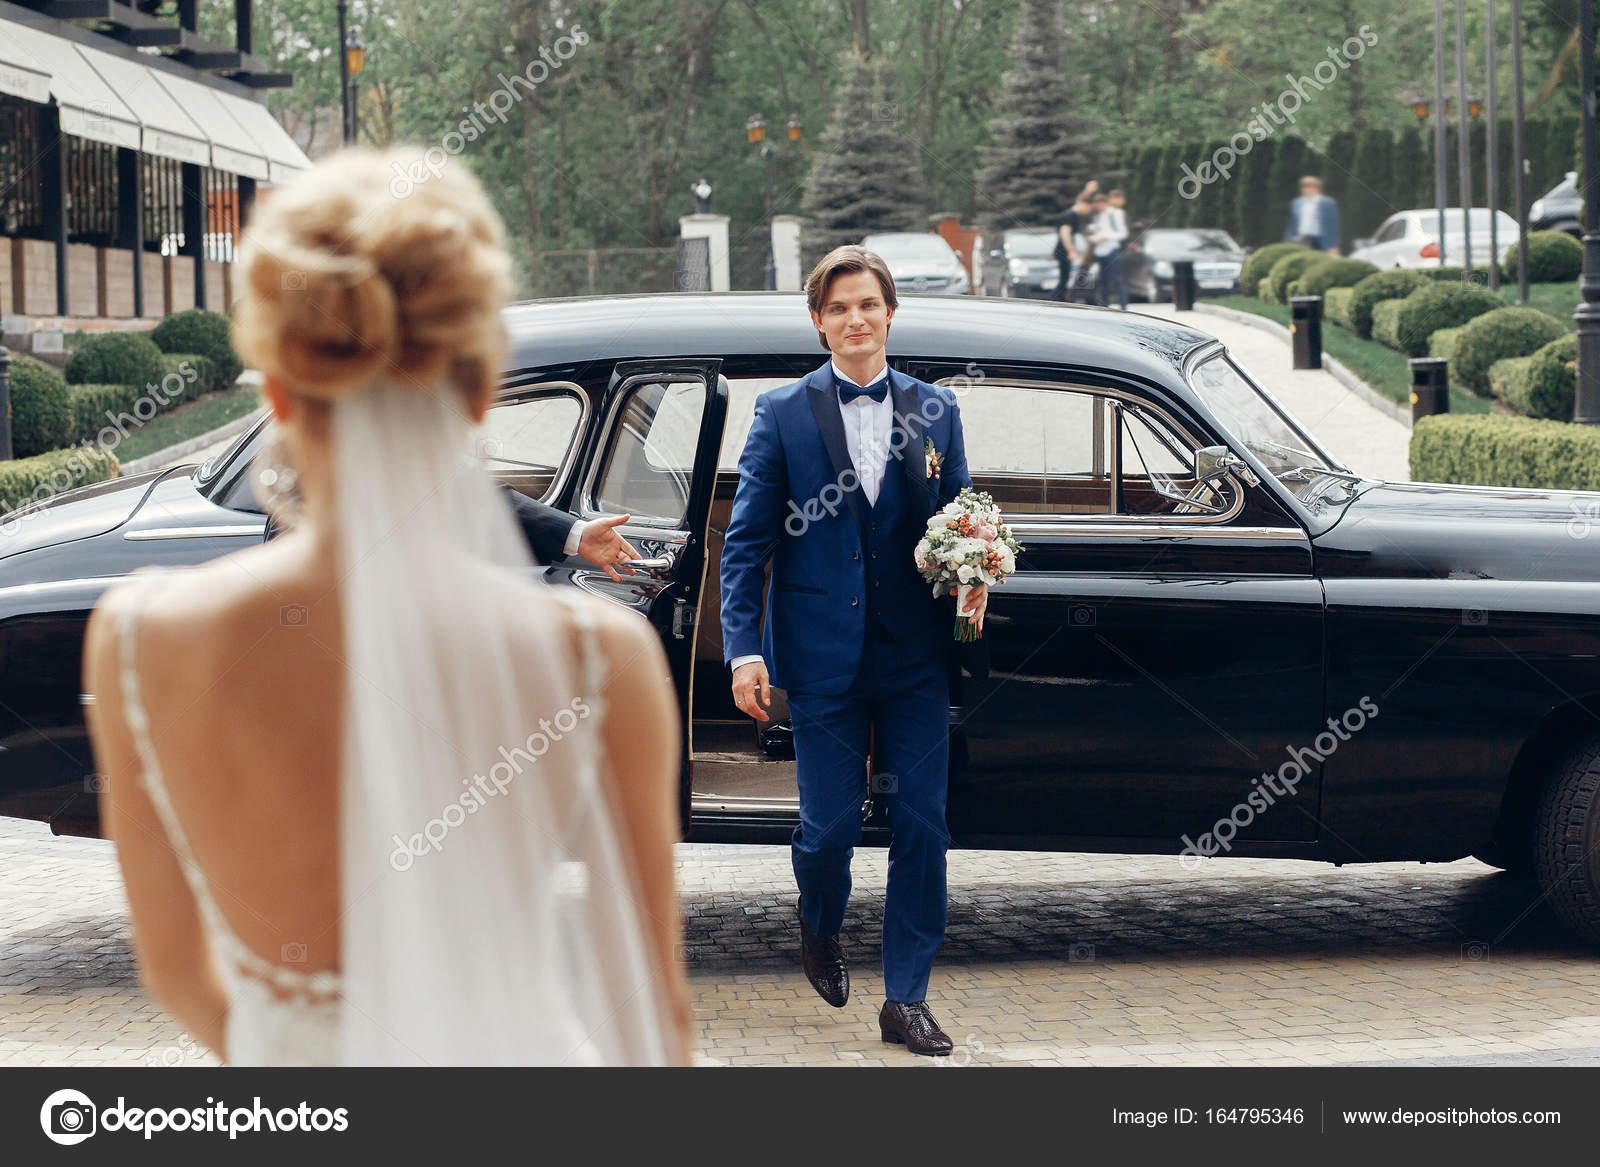 Brautigam Mit Hochzeitsstrauss Stockfoto C Sonyachny 164795346